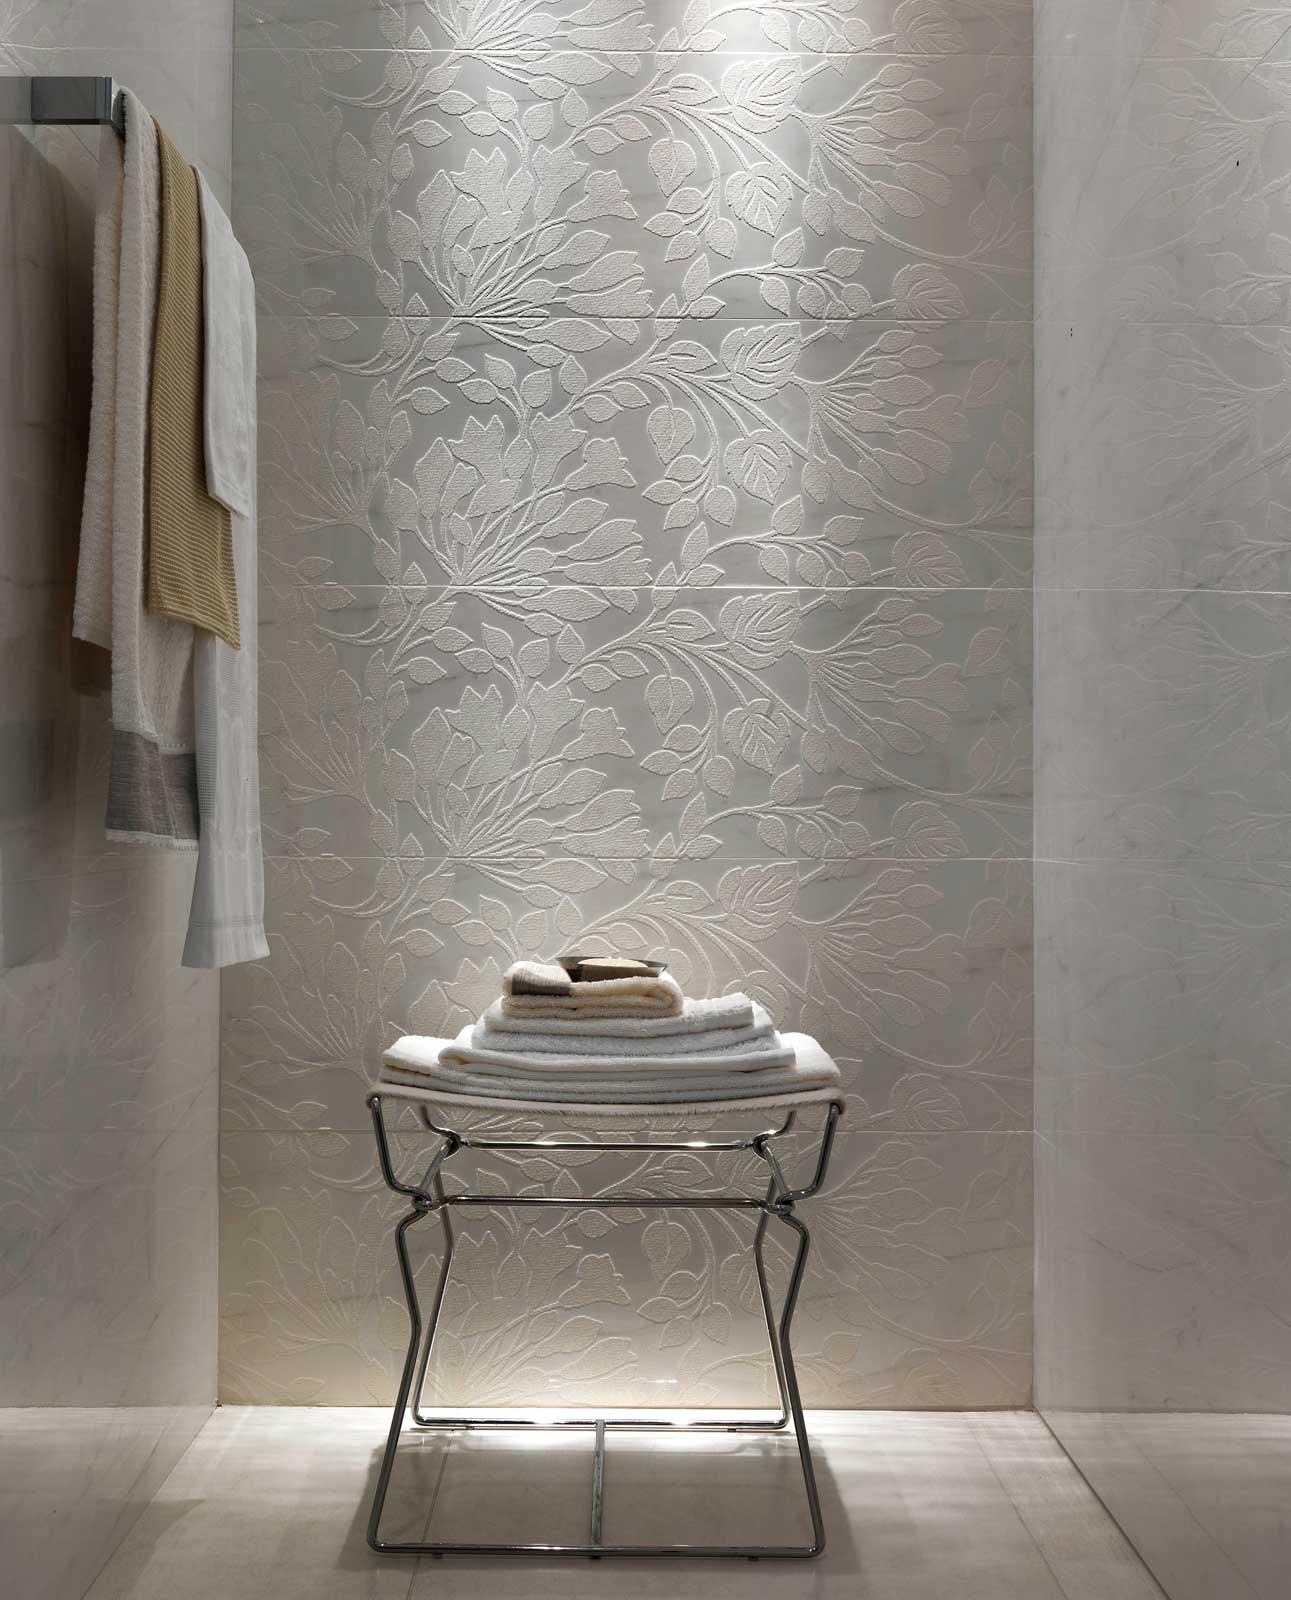 Stonevision rivestimento lucido marazzi - Ceramiche marazzi bagno ...